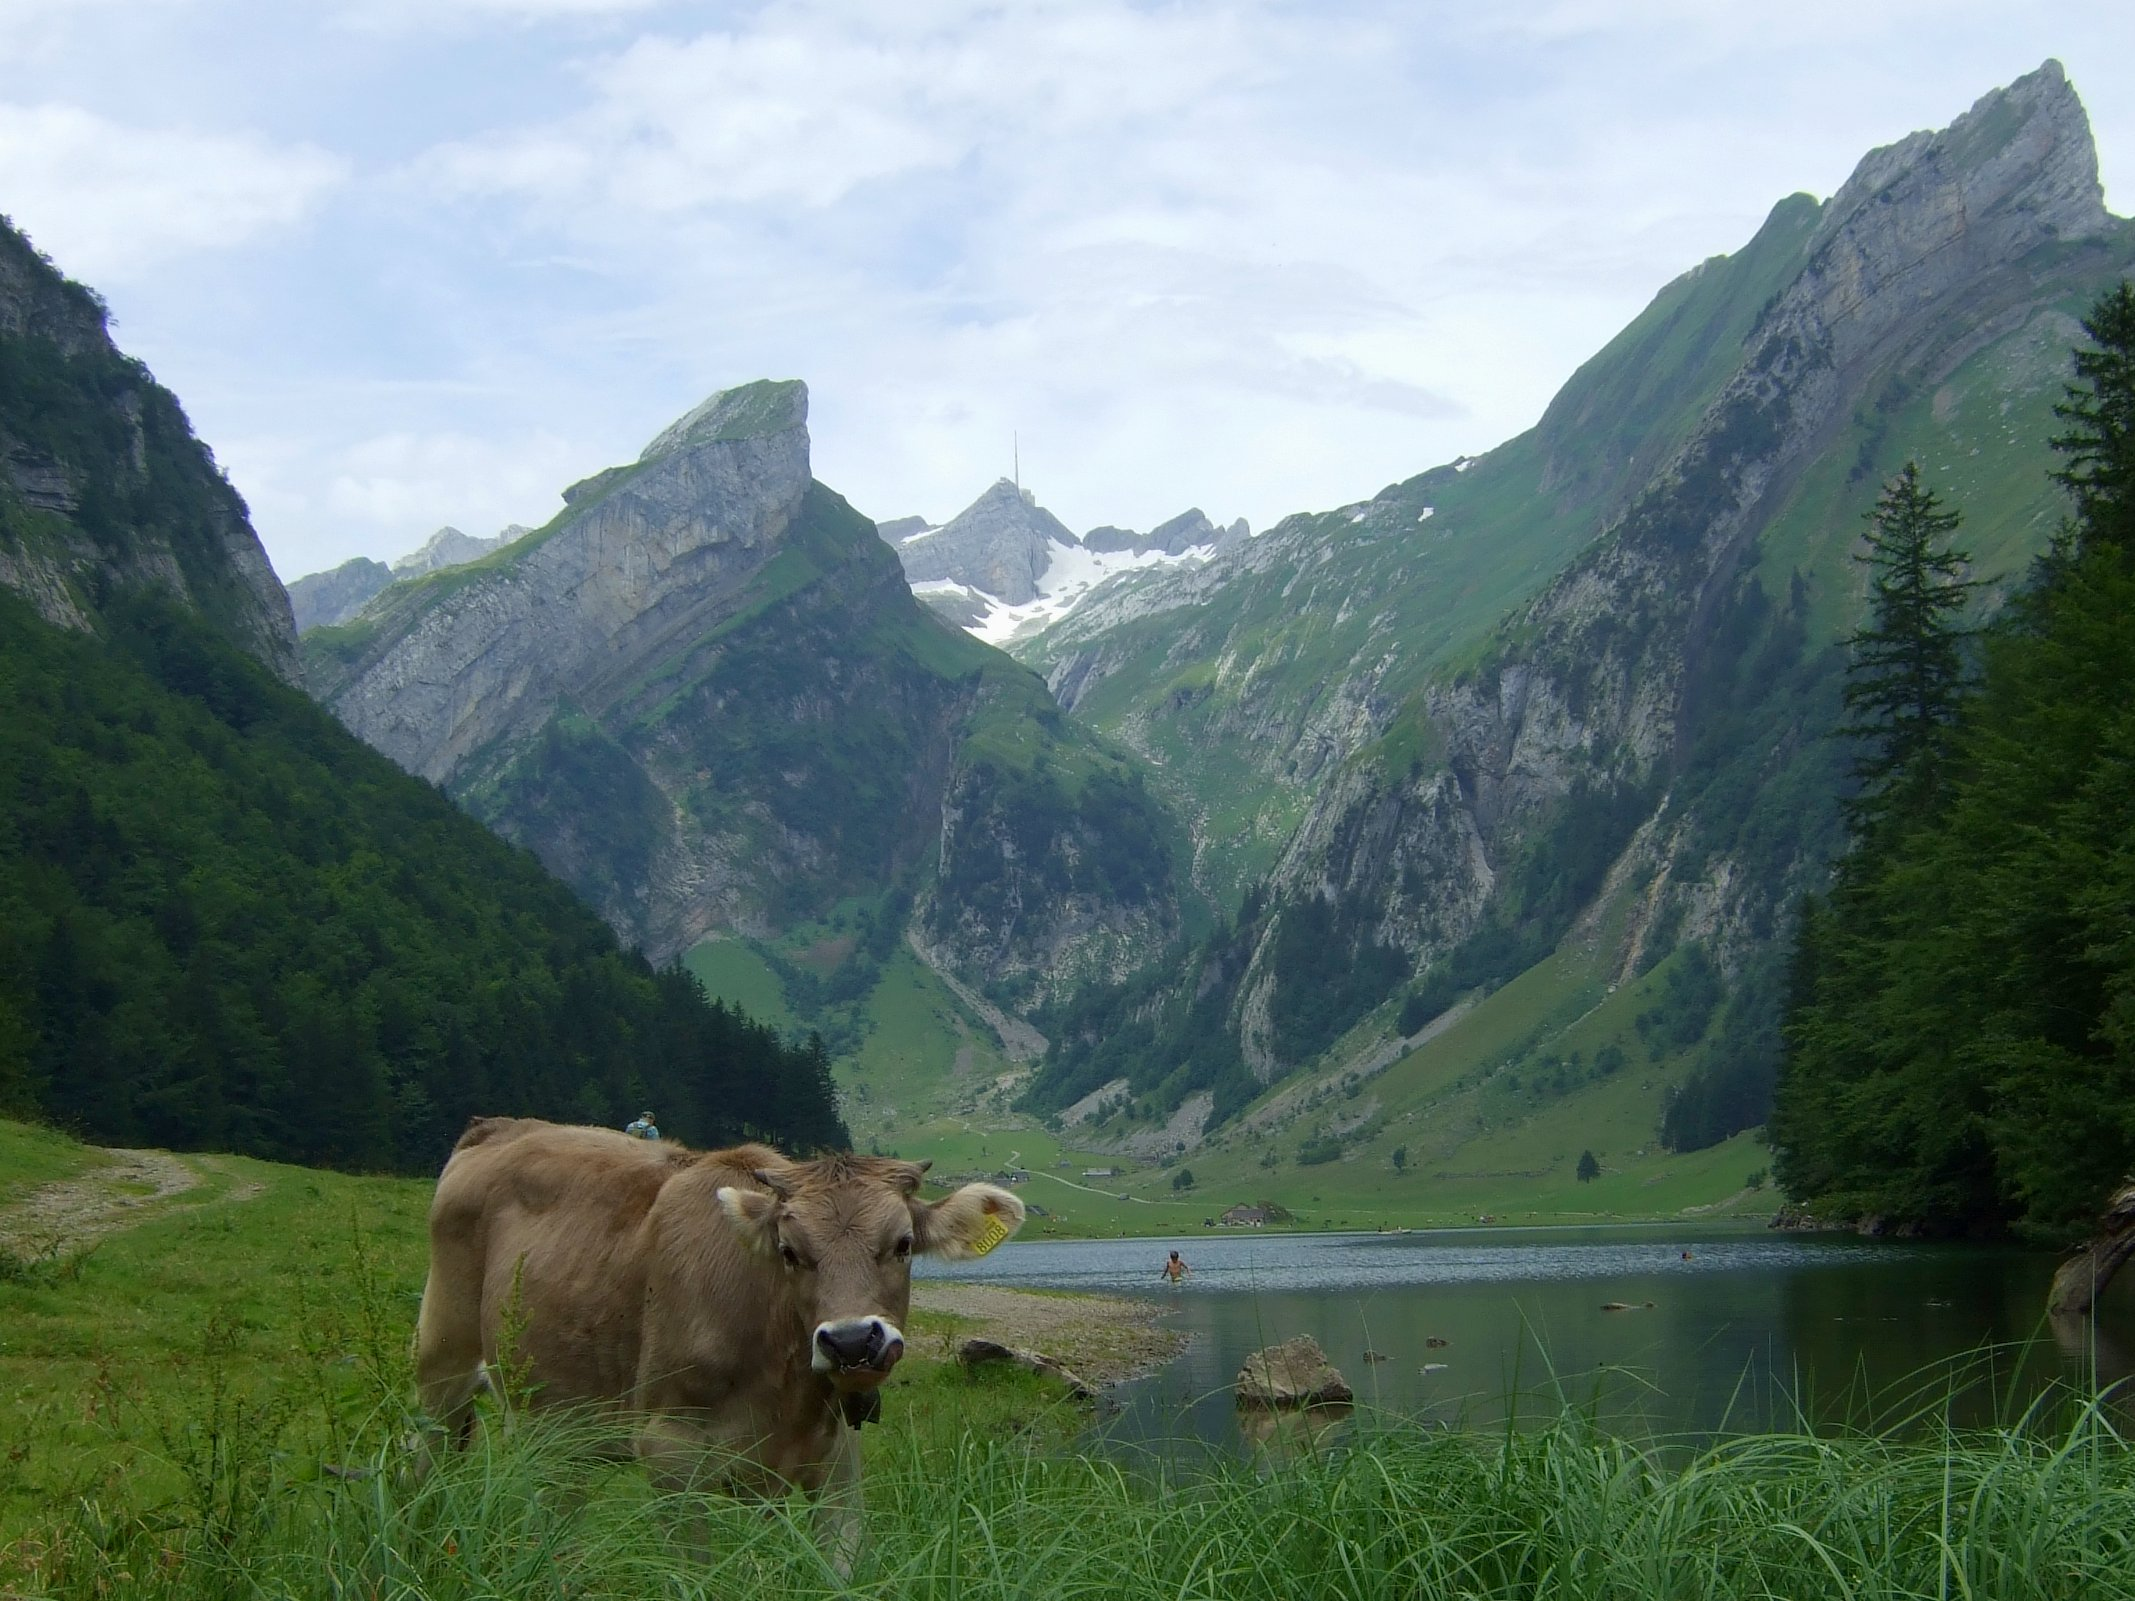 Die Kuh hat fünf Franken genommen, damit sie sich so hinstellt.